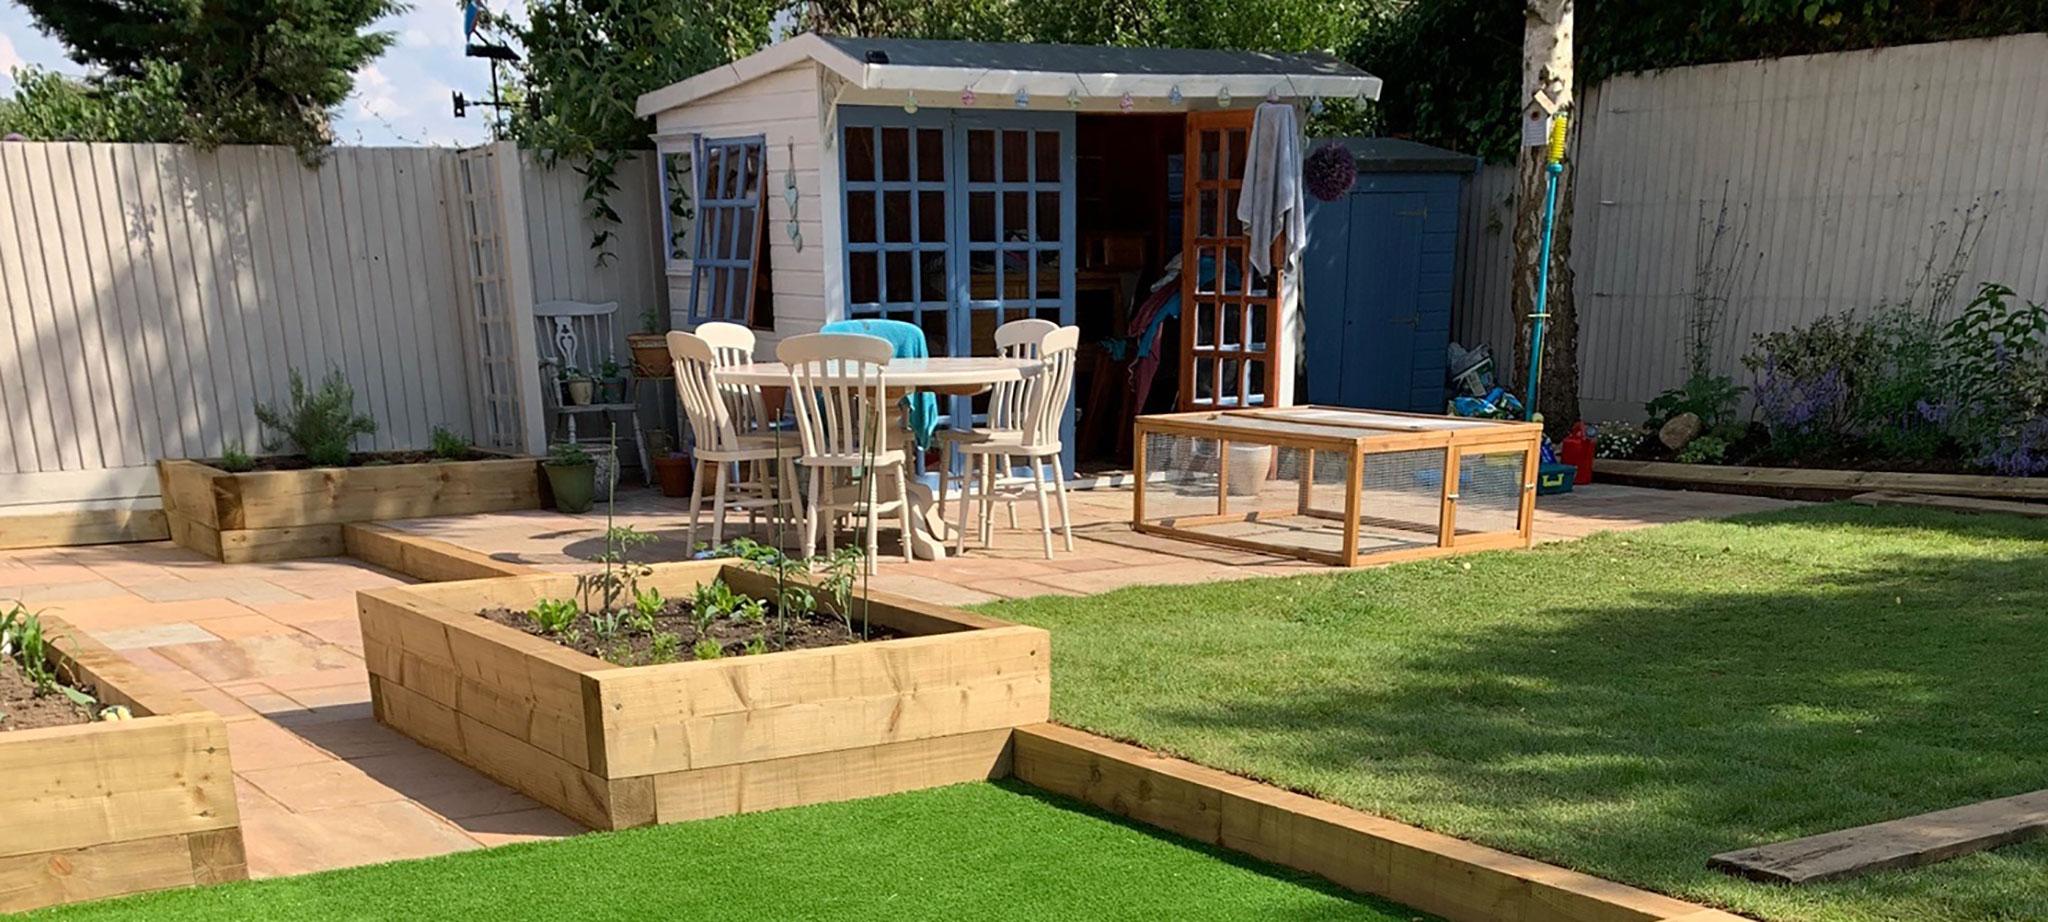 Children activity garden